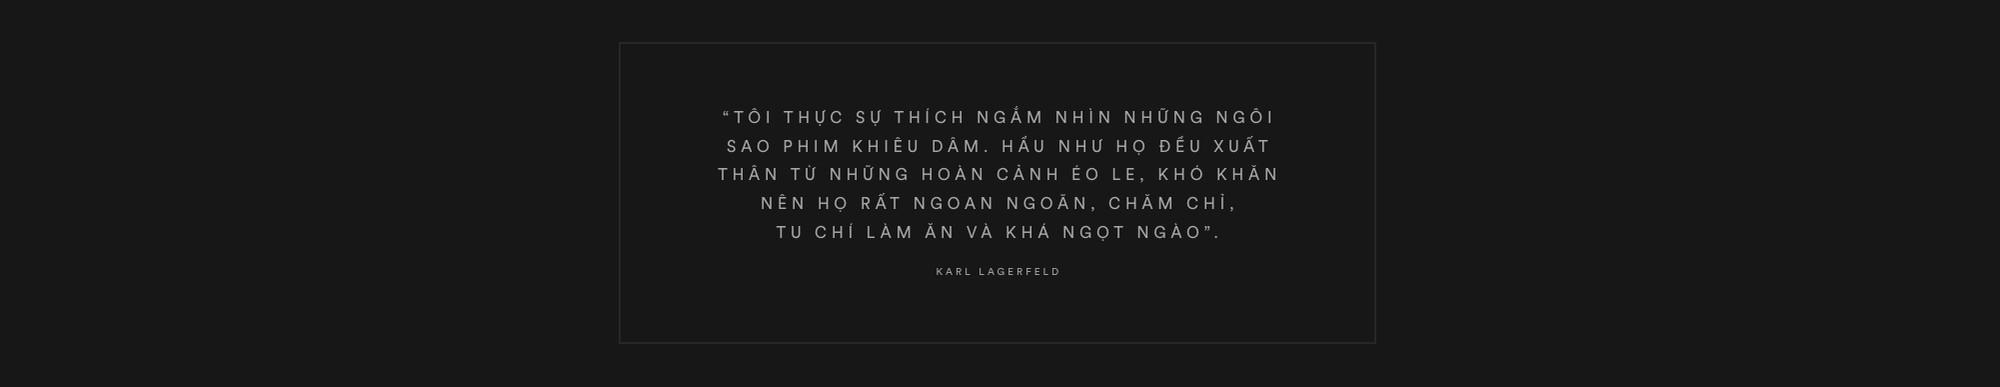 Karl Lagerfeld: 85 năm cuộc đời chỉ gắn liền với hai chữ, vài người đàn ông và một chú mèo - Ảnh 11.